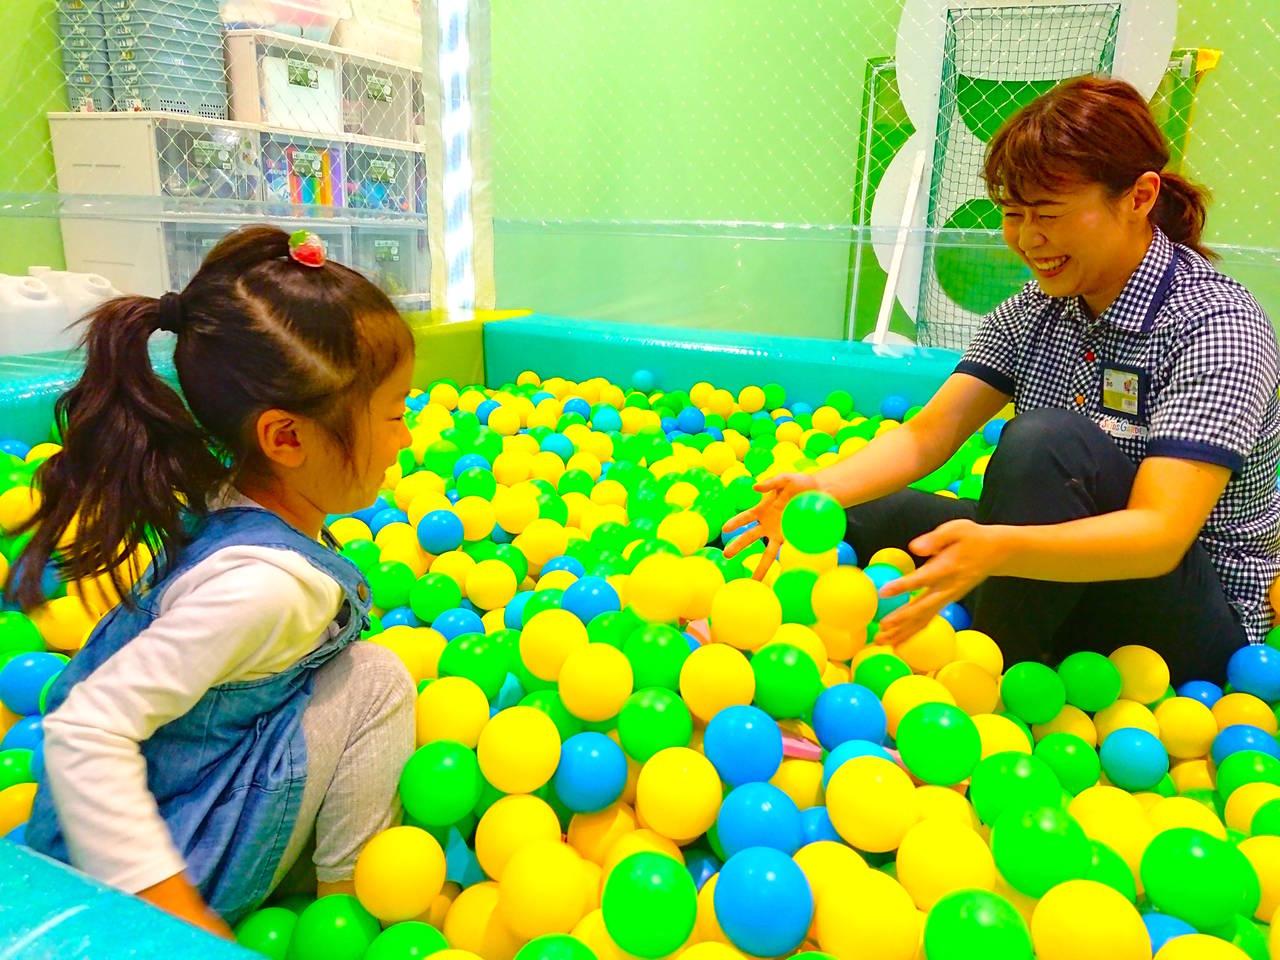 【宮城】子どもだけでも遊べちゃう「スキッズガーデン利府店」